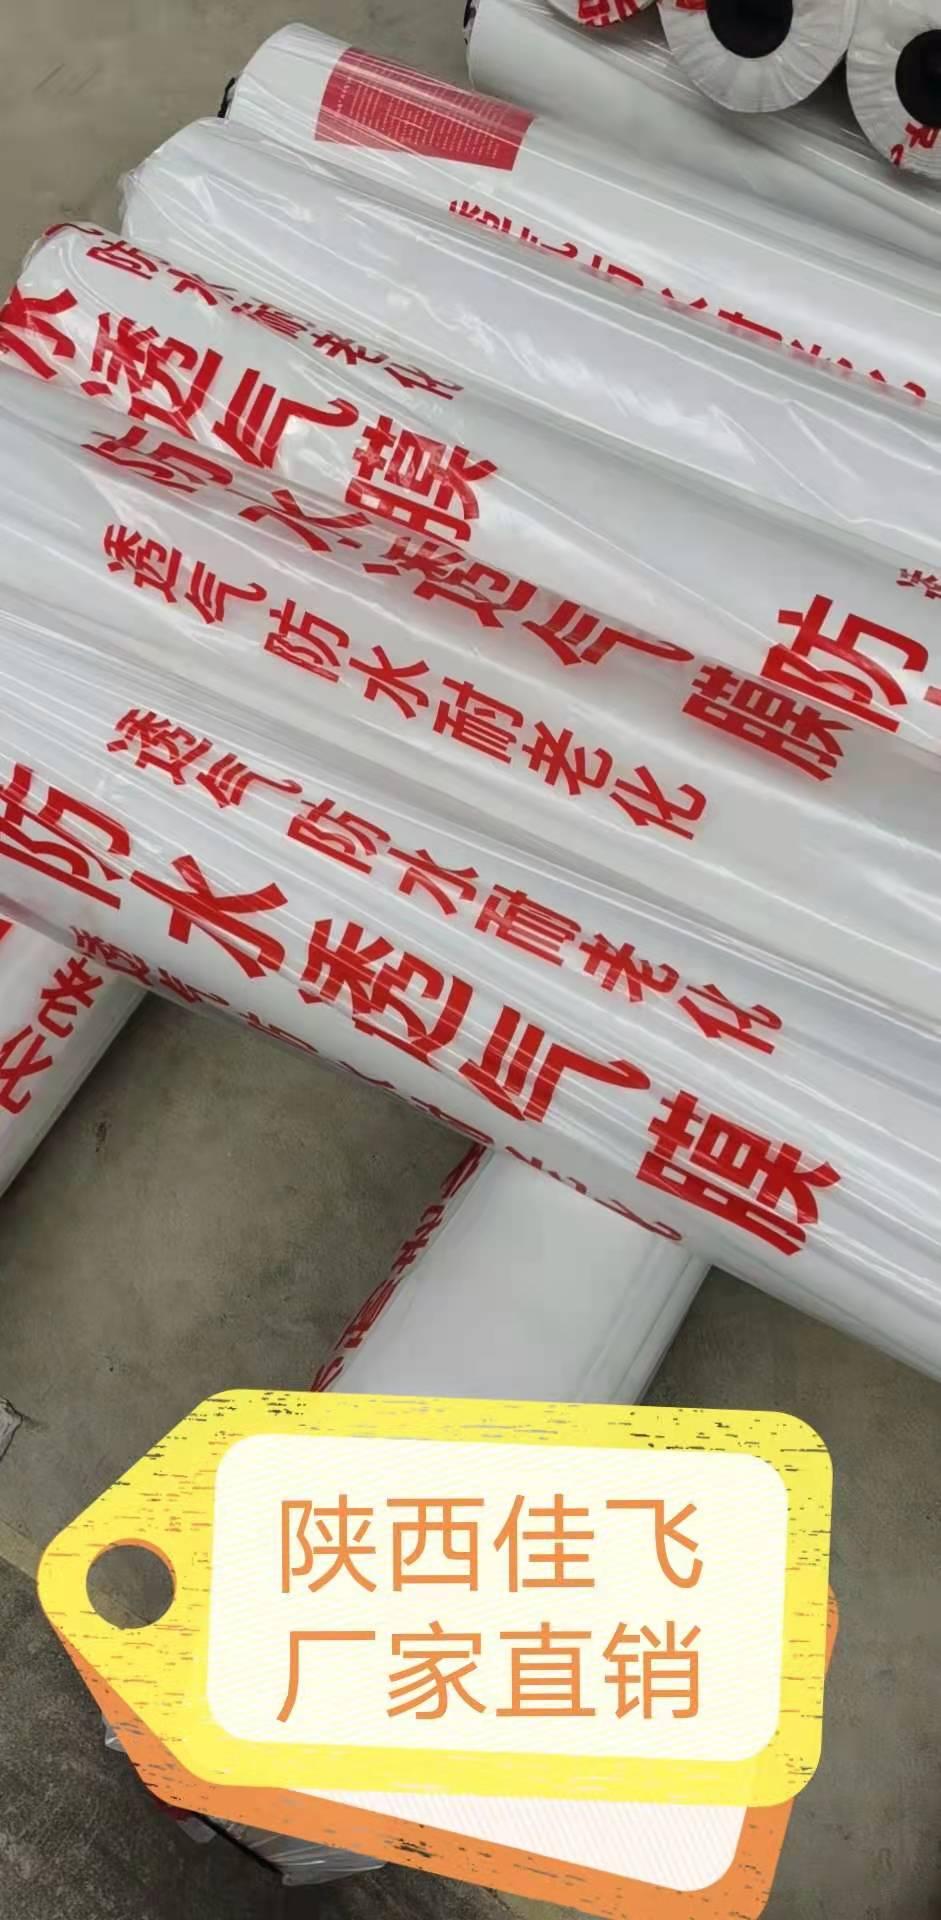 防水透气层(膜)西北五省陕西佳飞直供 质量可靠 价格实在